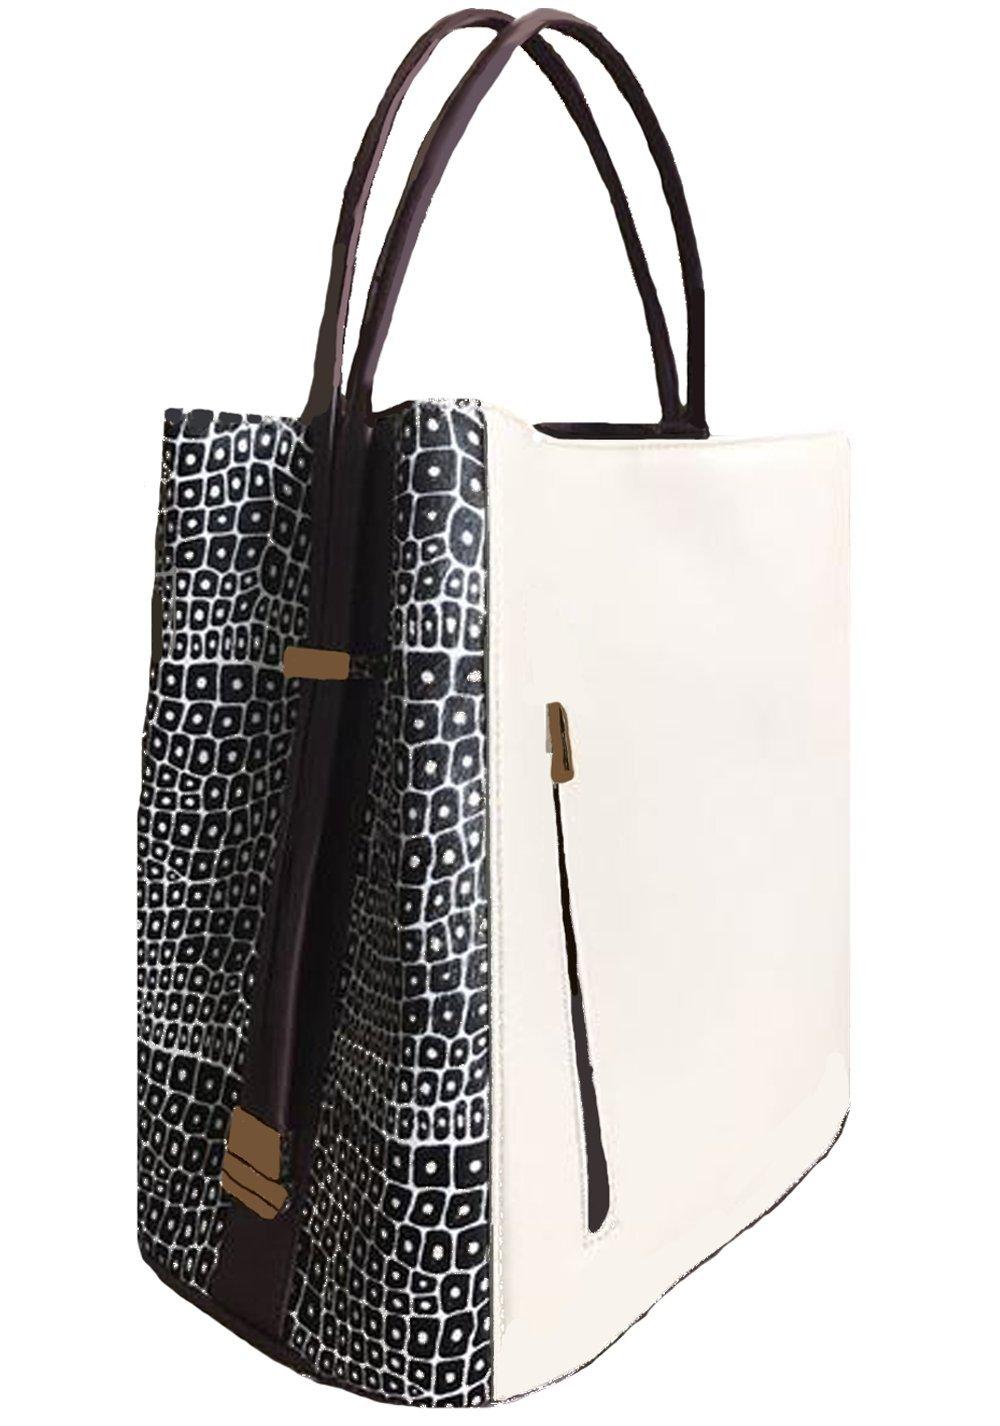 'Keva' Creme Leather with Black and Creme Haircalf Panels Handbag by Samoe Style